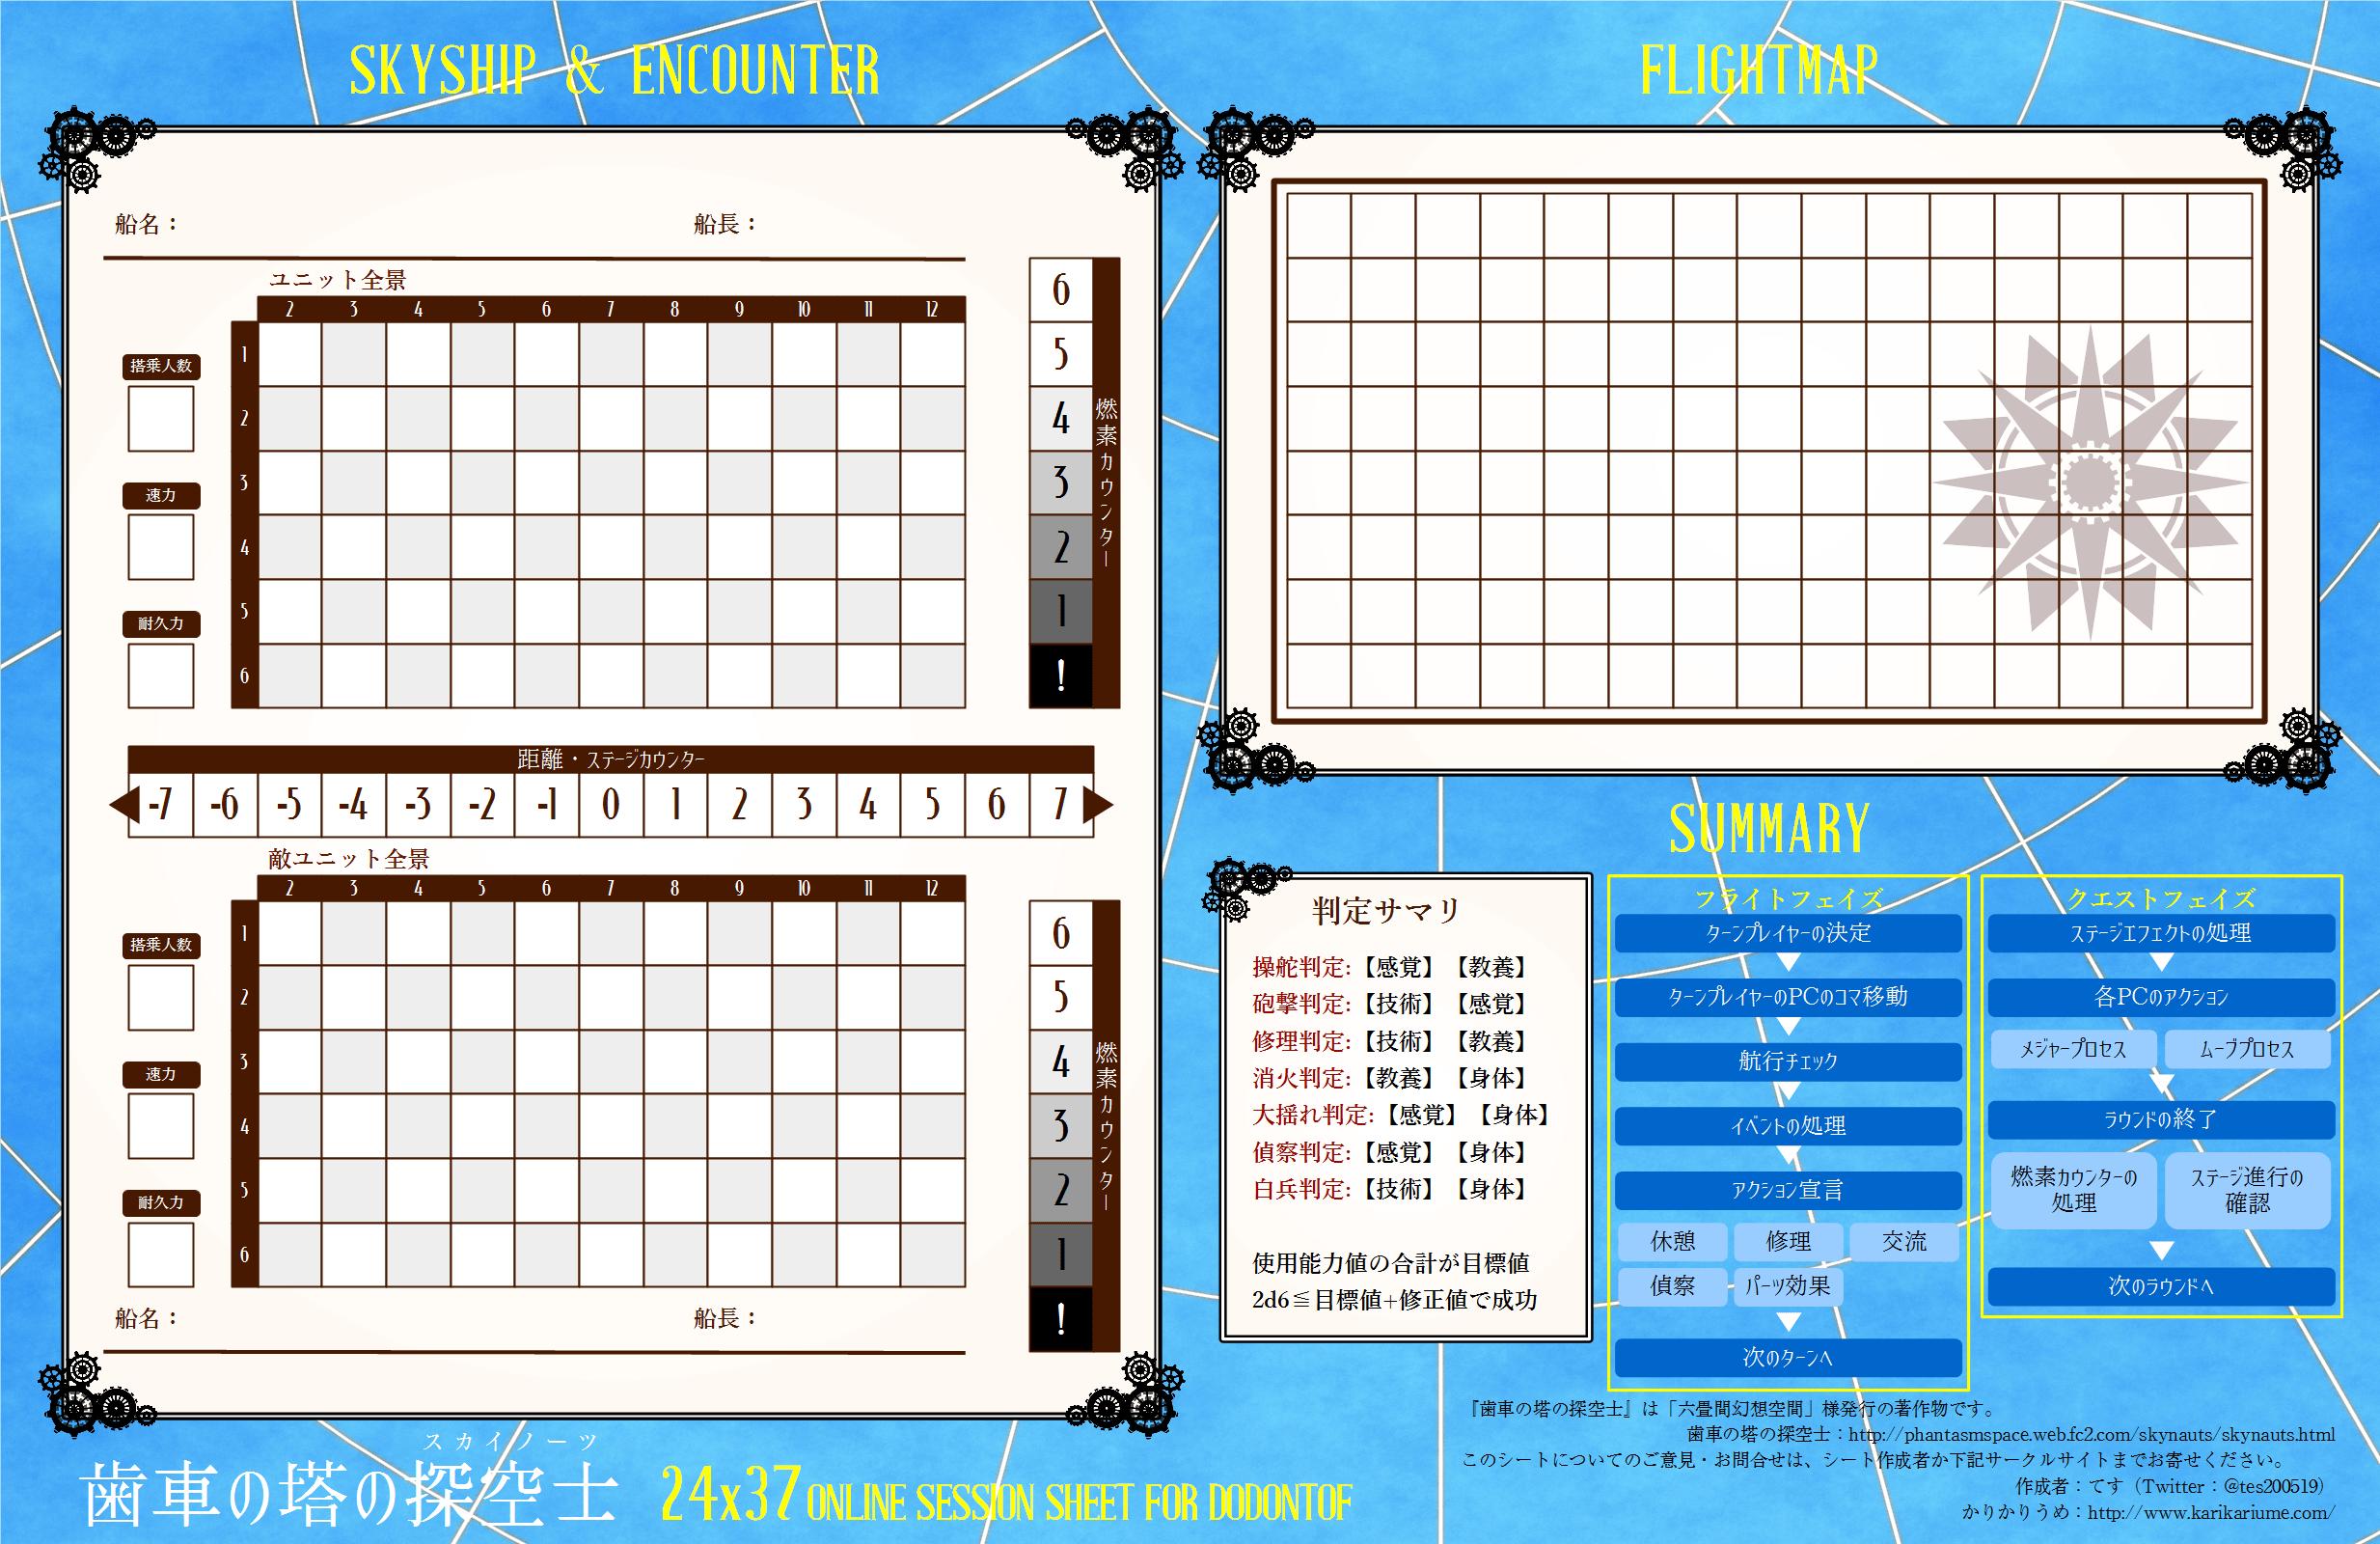 歯車の塔の探空士オンラインセッションマップシート